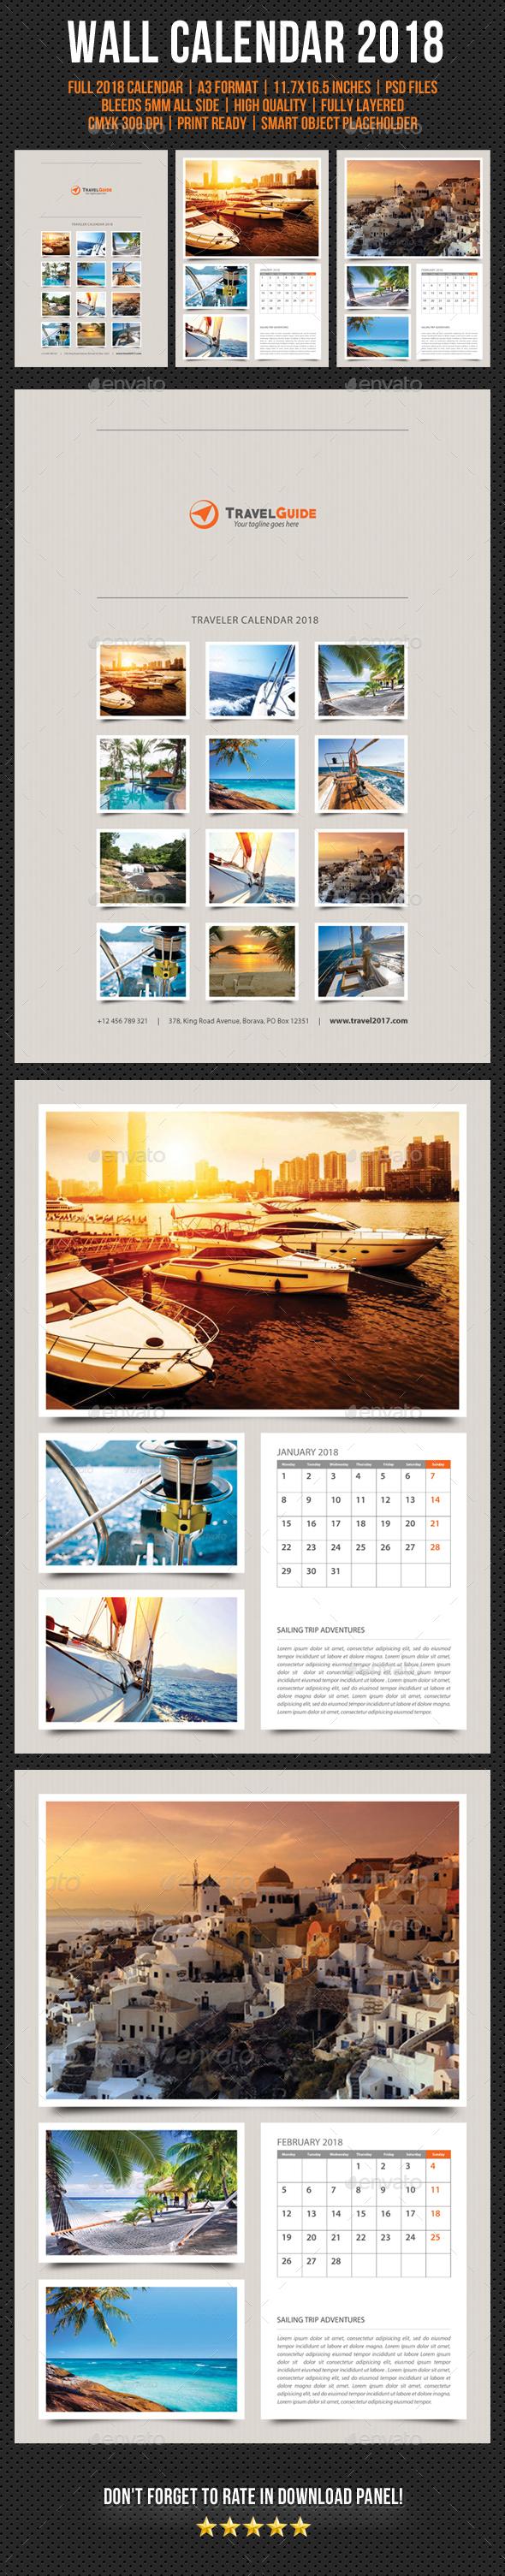 Wall Calendar 2018 V20